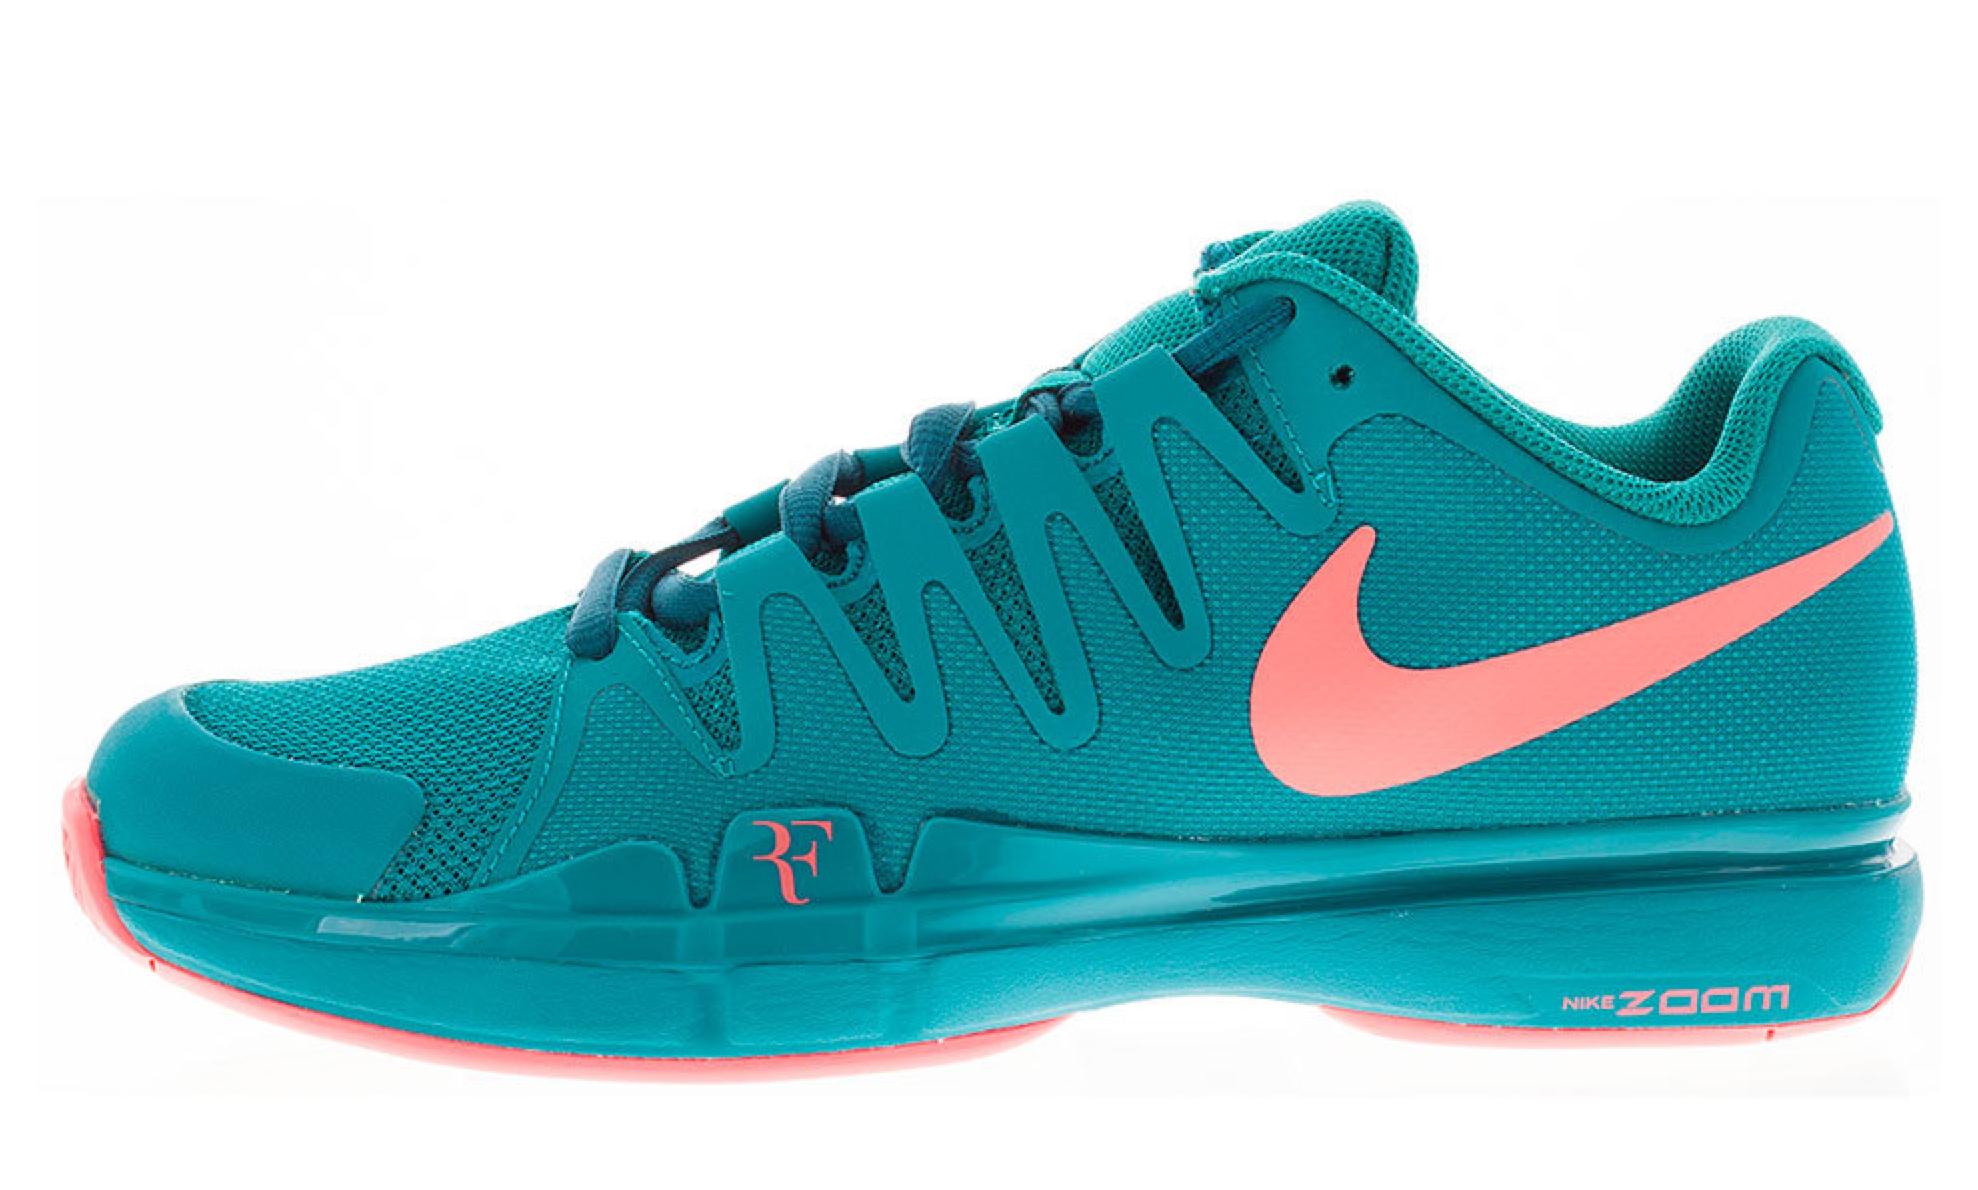 8fbb6840494 Nike Zoom Vapor 9 Tour Federer